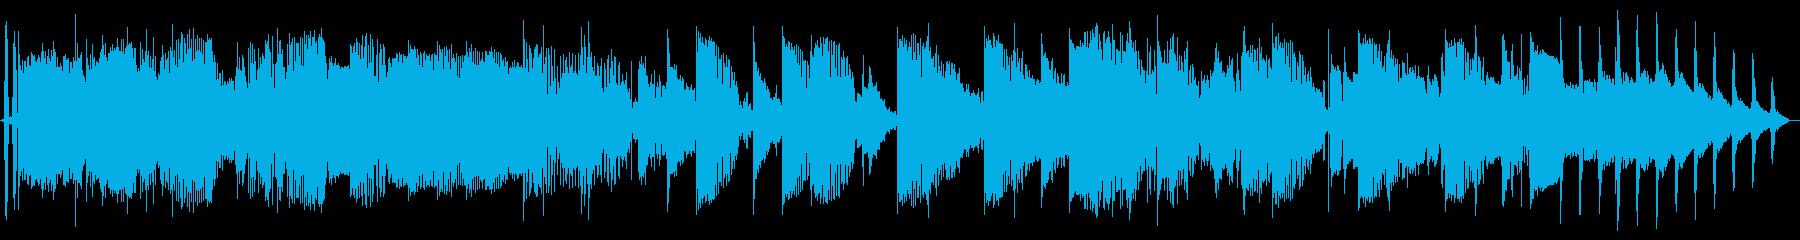 サイバーDJの再生済みの波形